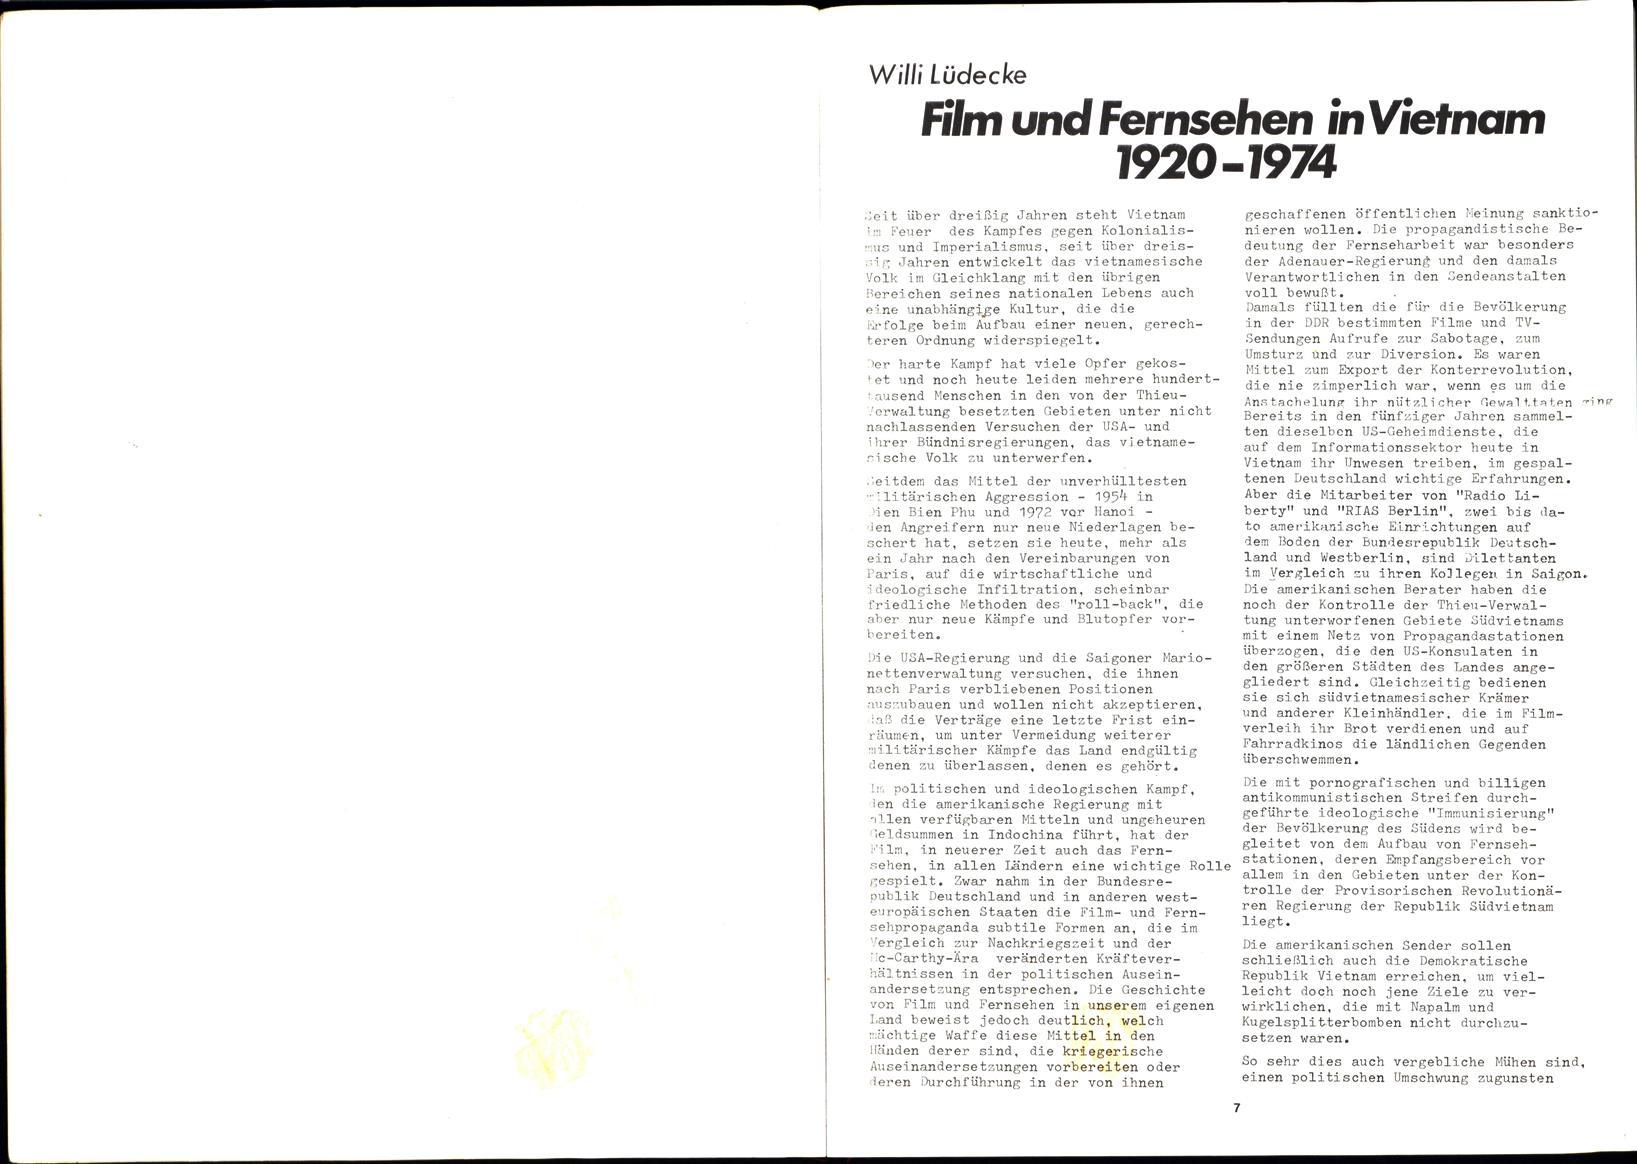 IK_Filmwesen_Bulletin_19740400_008_009_004